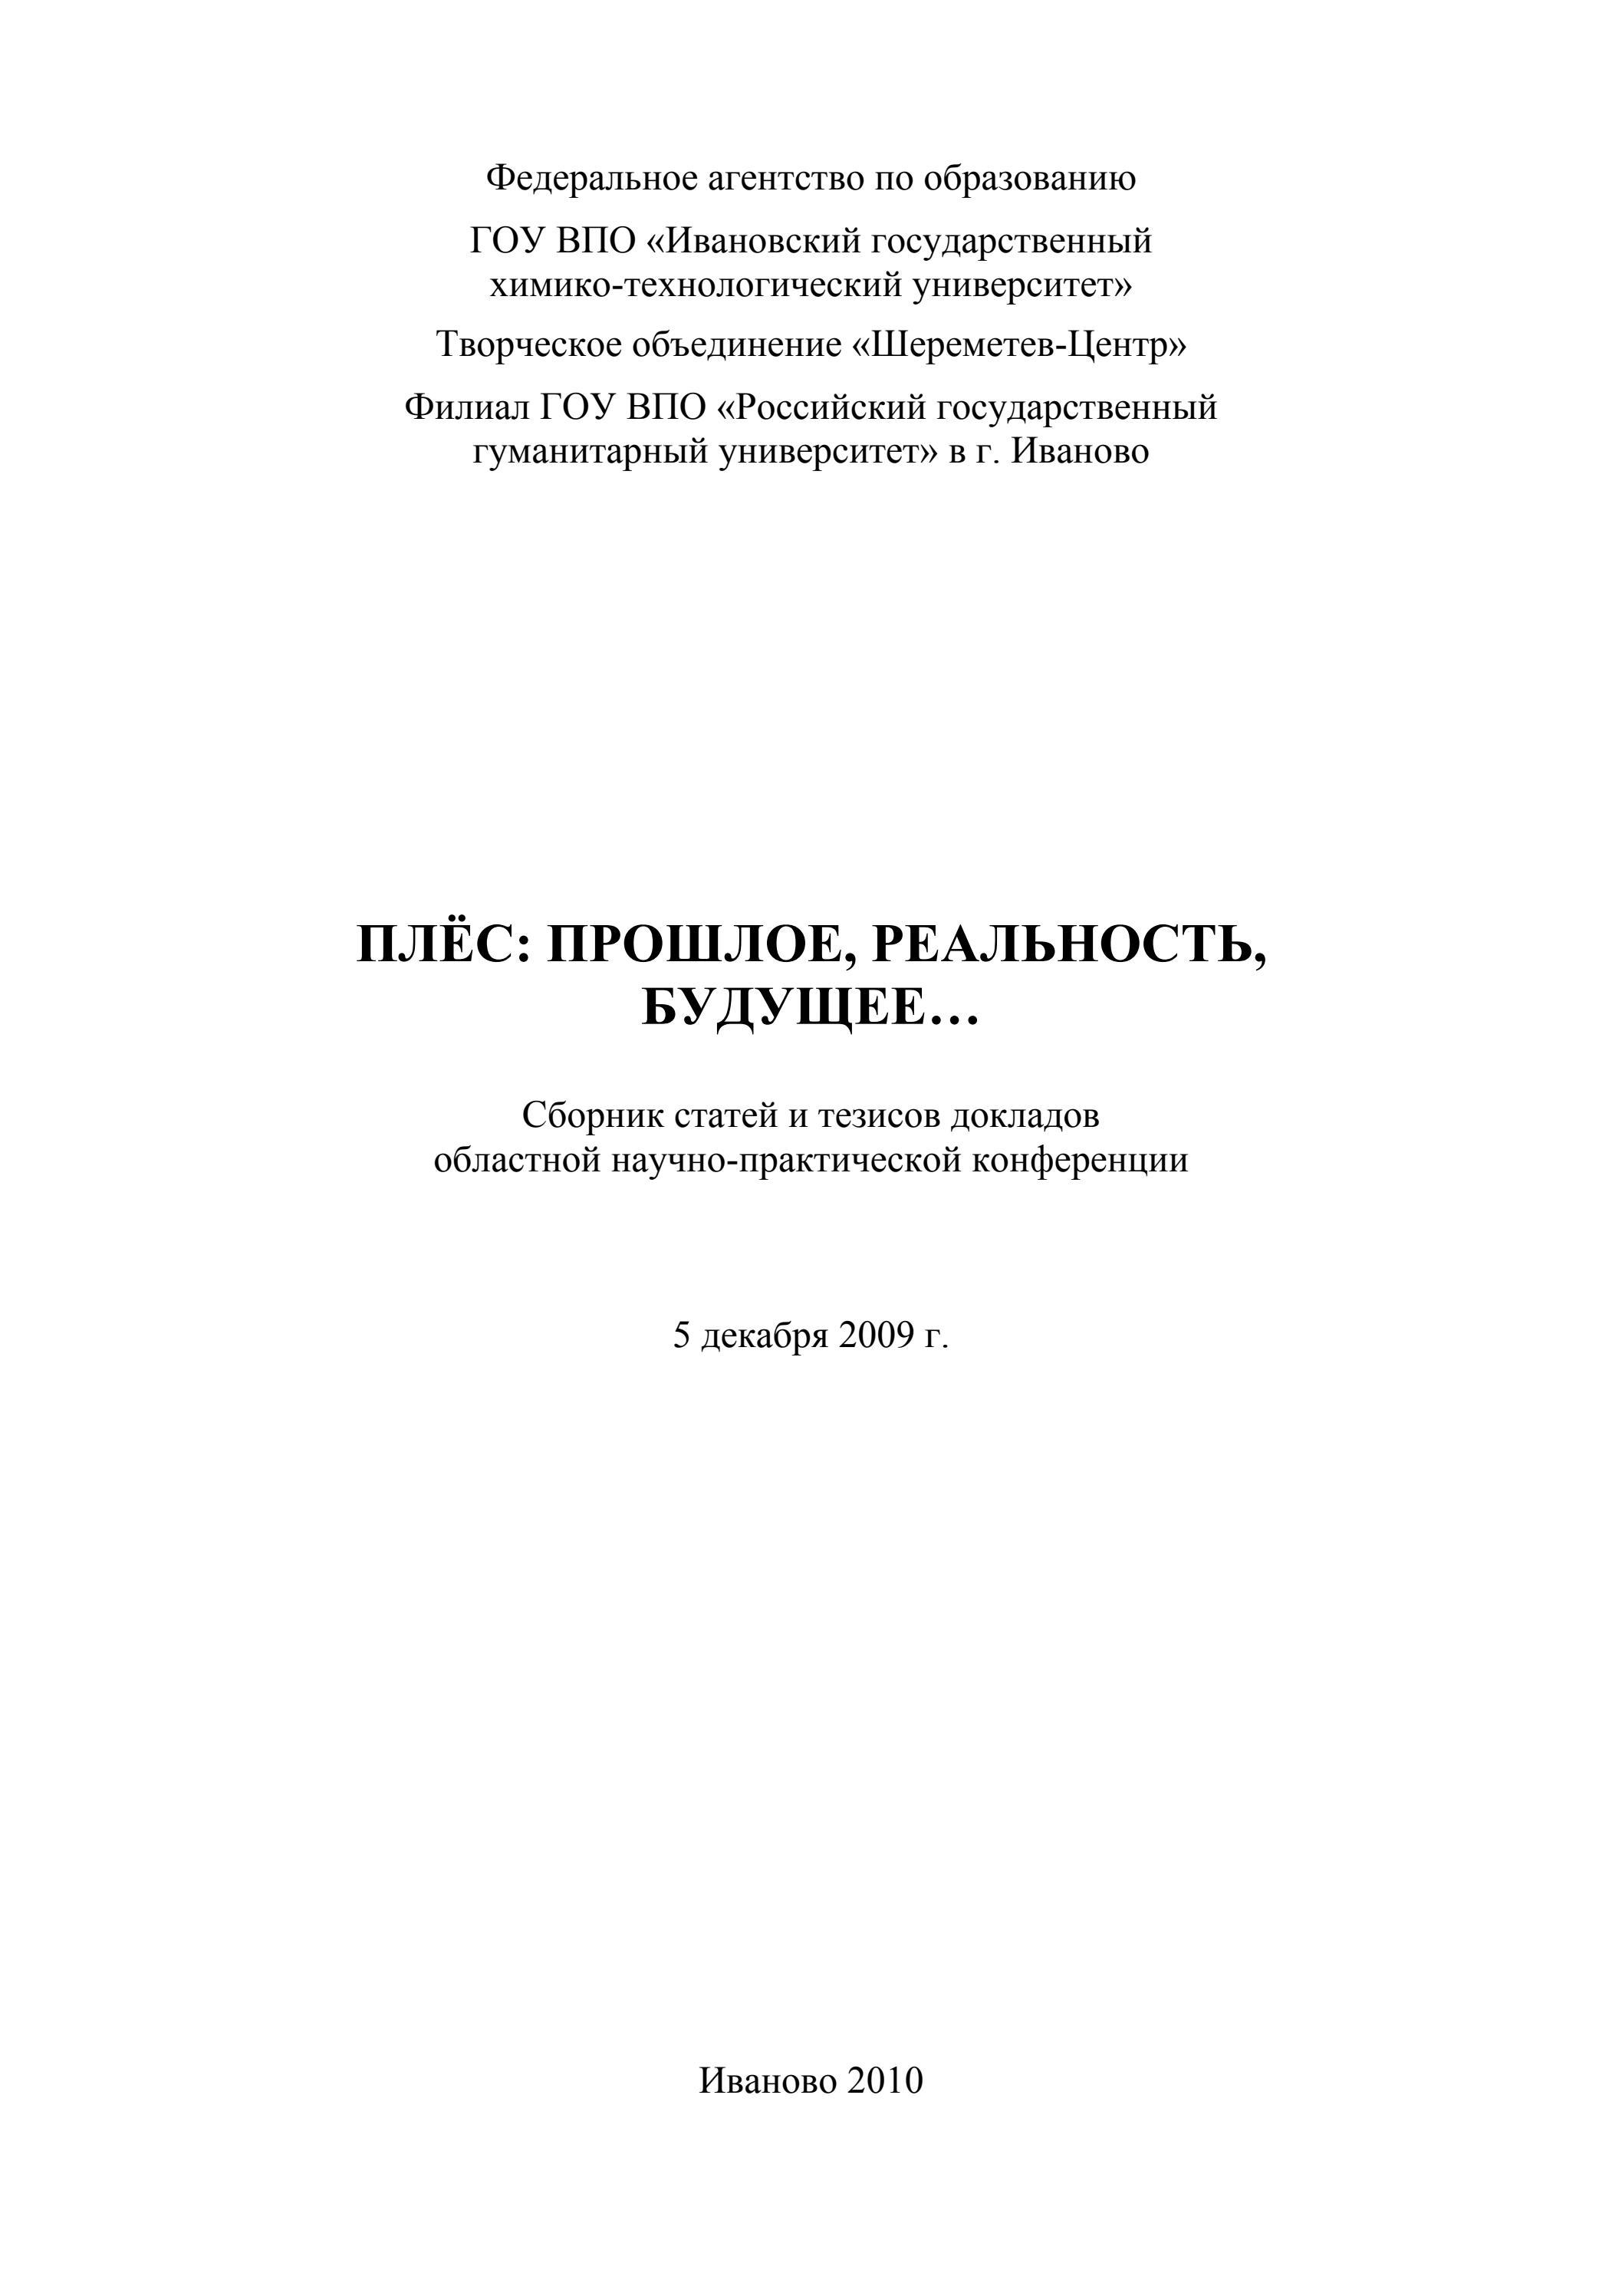 69c4ca592777 ПЛЁС: ПРОШЛОЕ, РЕАЛЬНОСТЬ,БУДУЩЕЕ… by Филиал РГГУ в г. Иваново - issuu